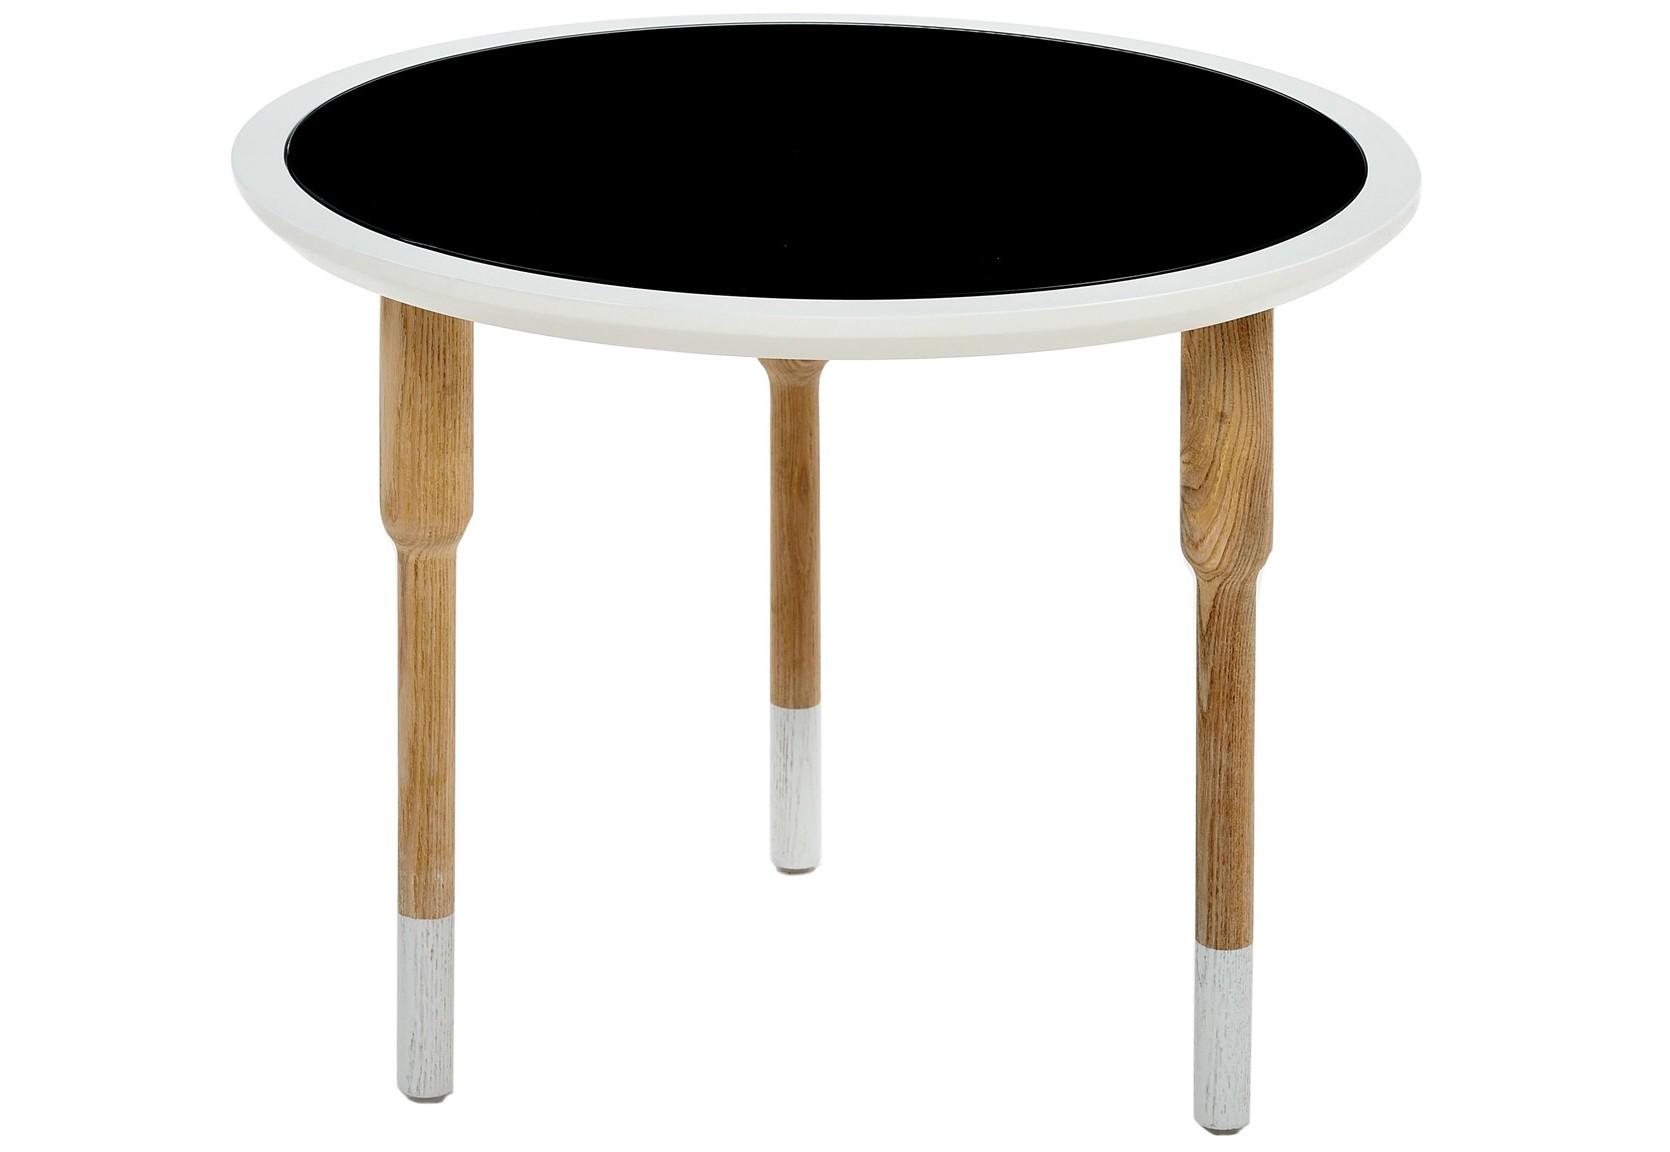 Журнальный стол MilaniЖурнальные столики<br><br><br>Material: Дуб<br>Ширина см: 50<br>Высота см: 41<br>Глубина см: 50